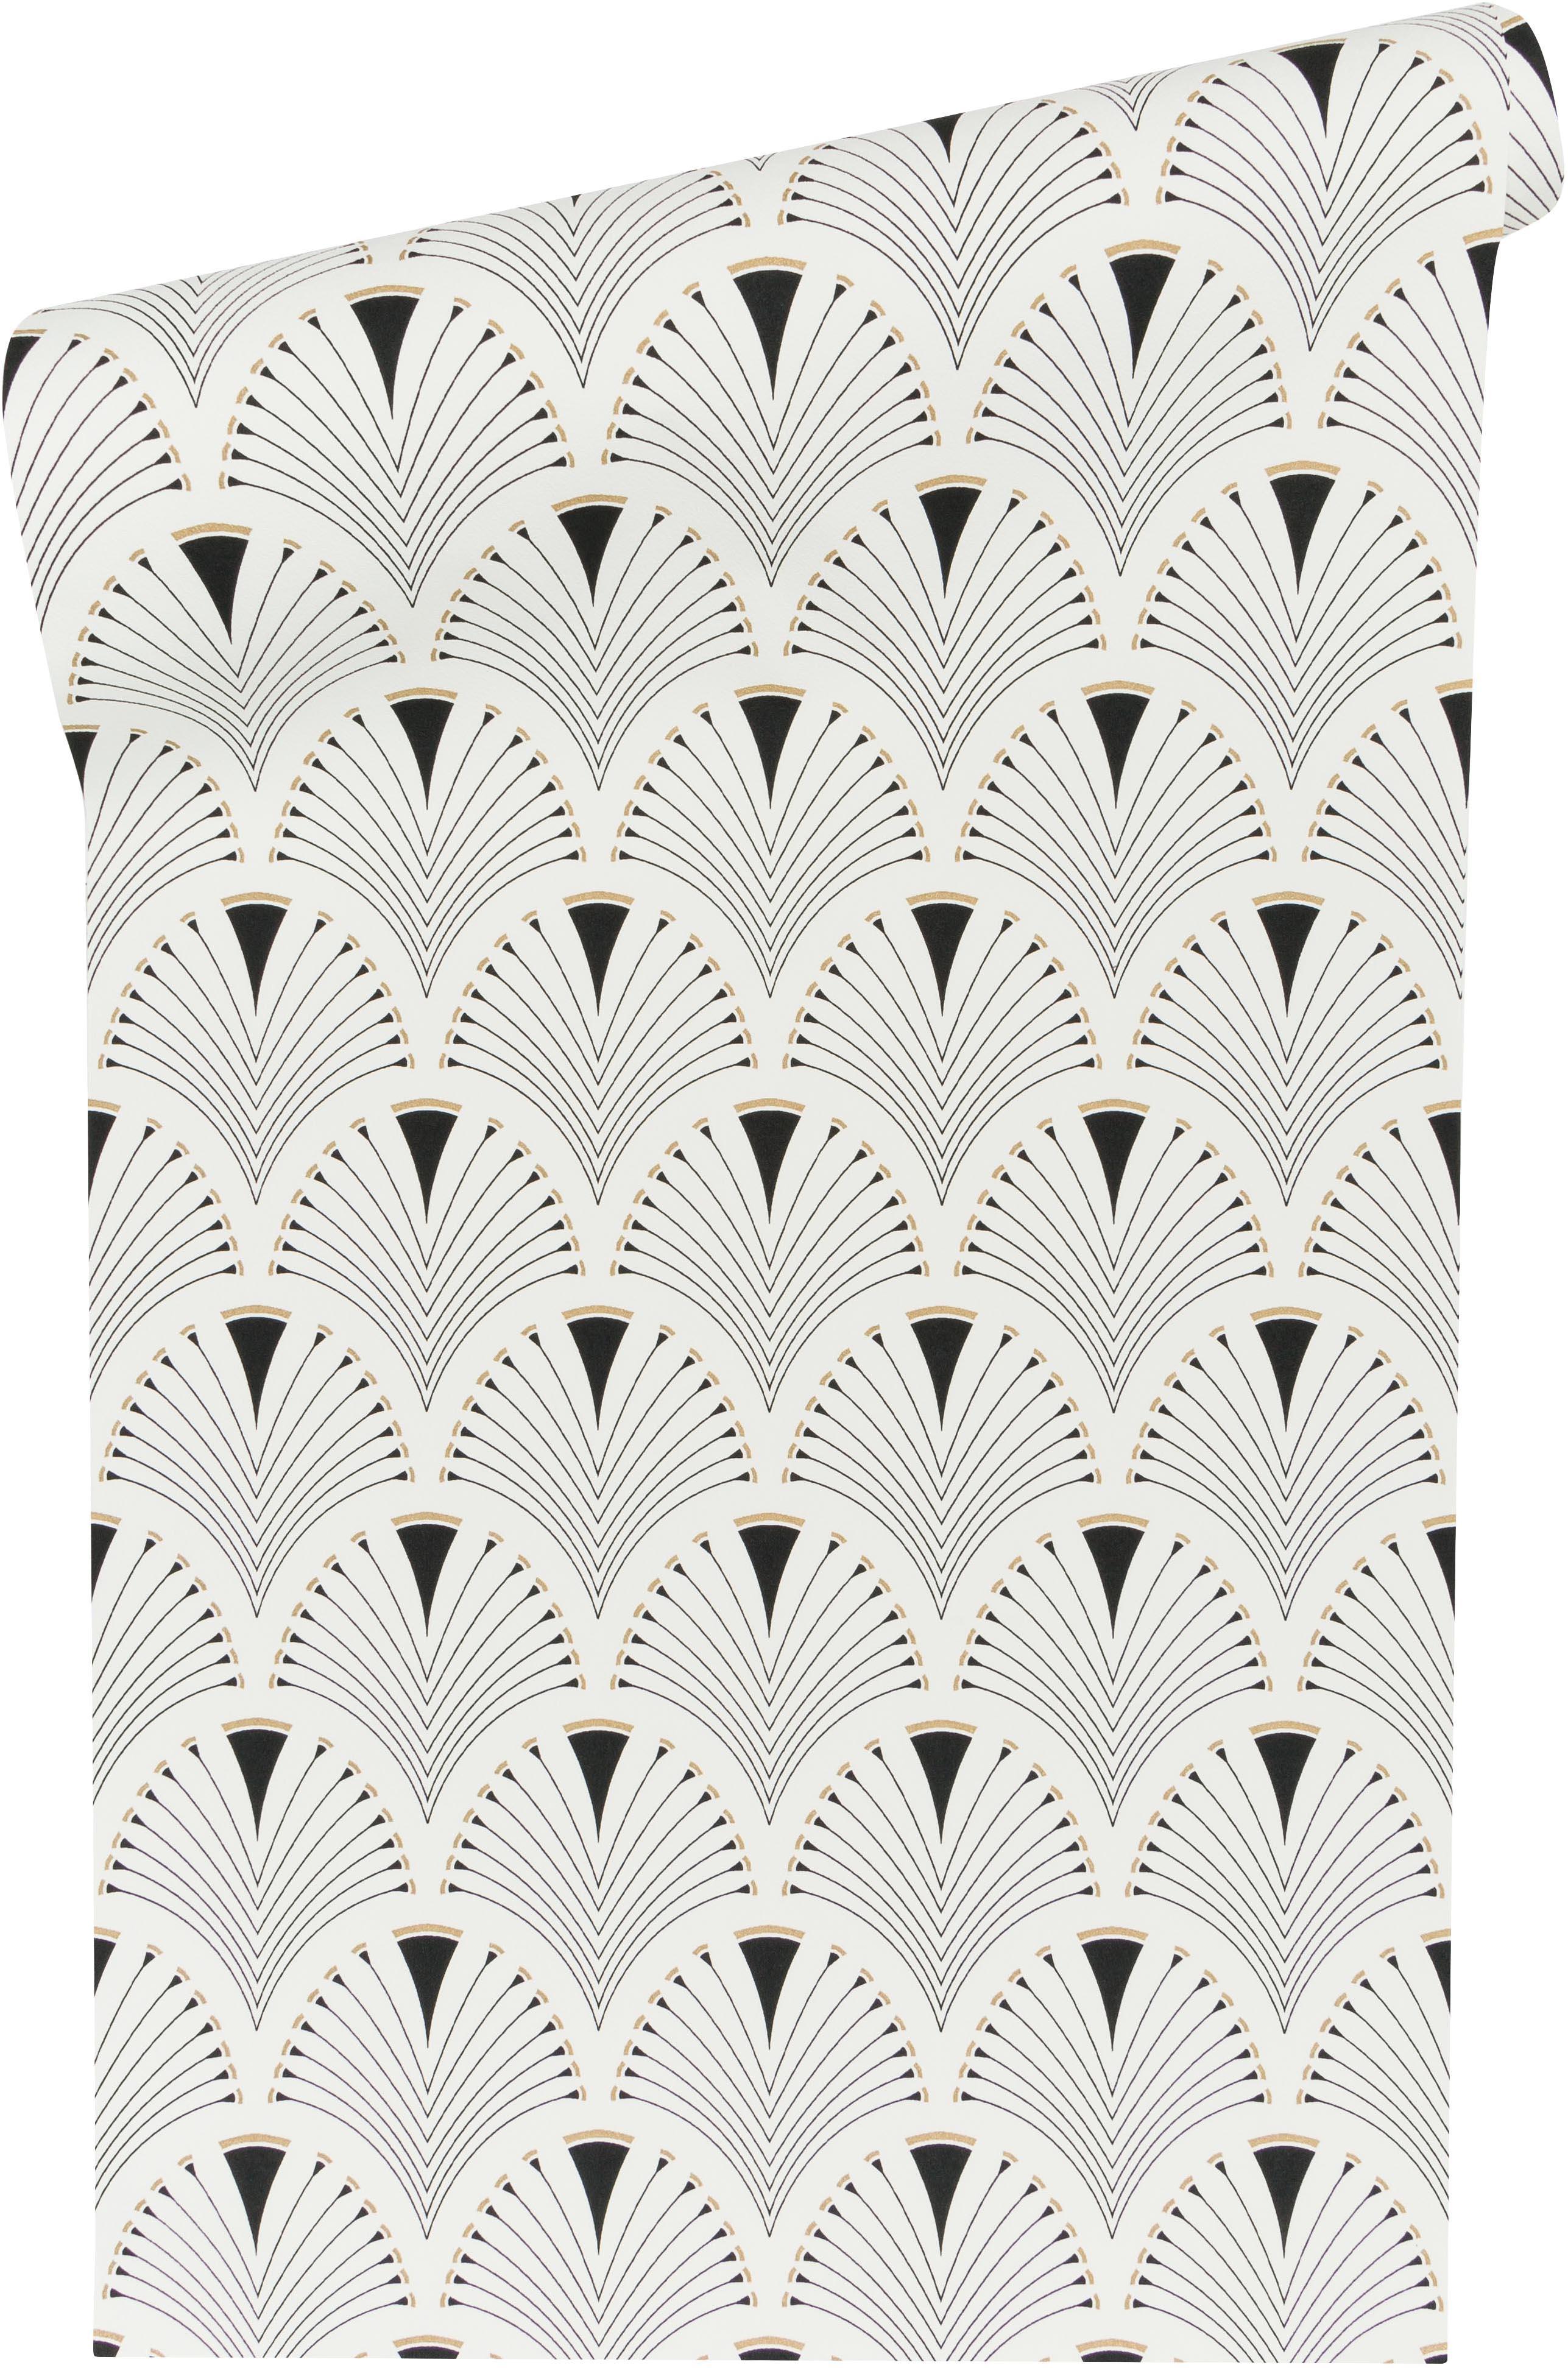 Carta da parati Peacock, Tessuto non tessuto, Bianco, nero, dorato, lucido, Larg. 53 x Lung. 1005 cm